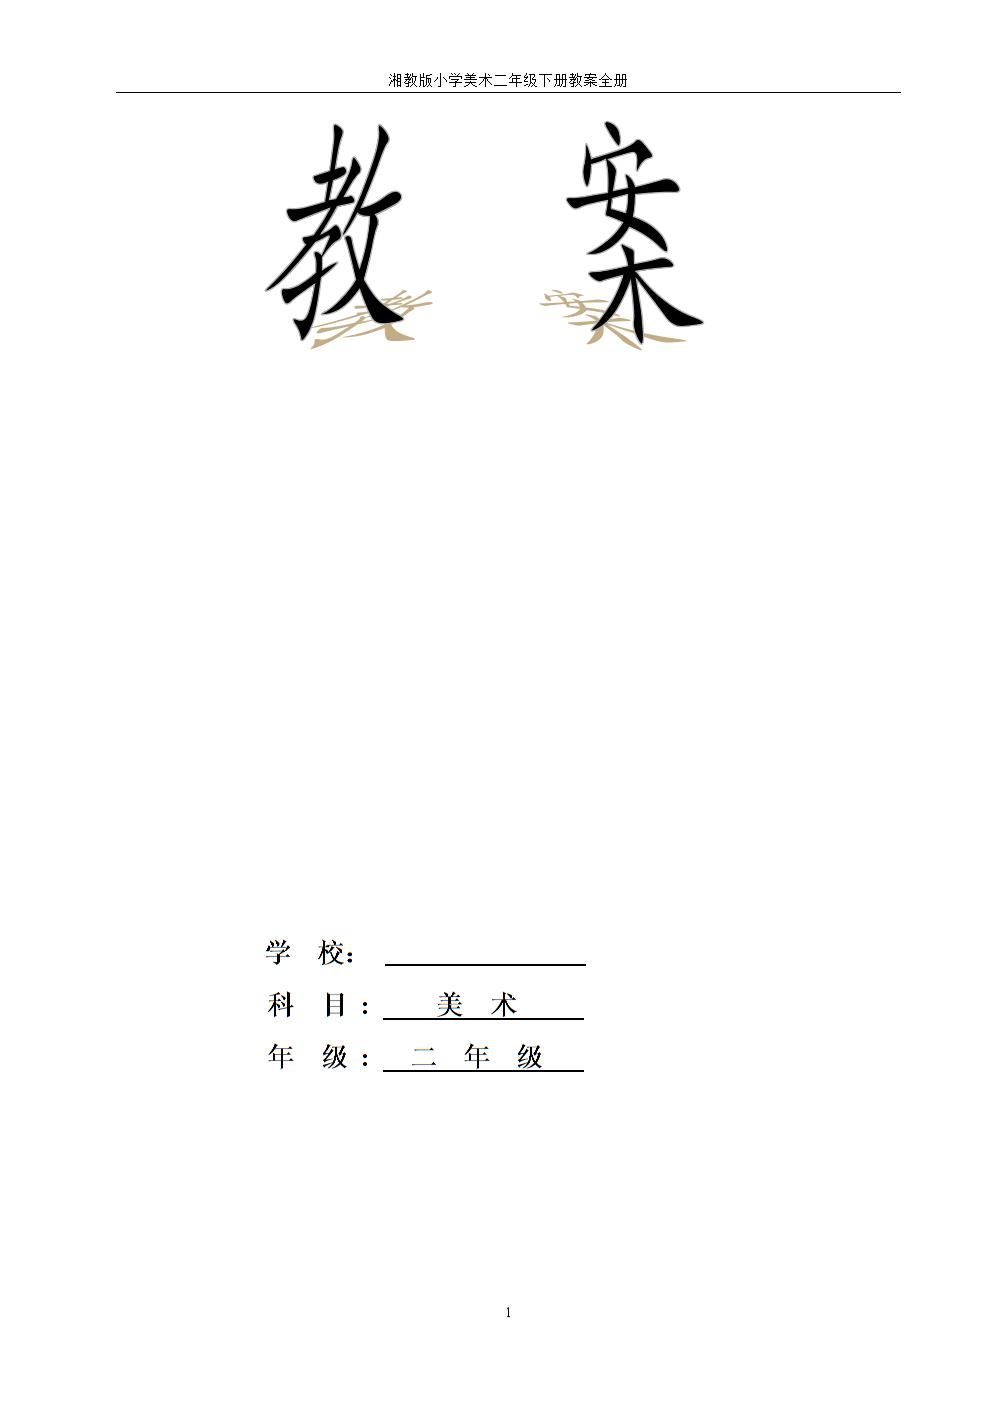 湘教版美术年级二下册小学教案全册.doc日本服小学生图片